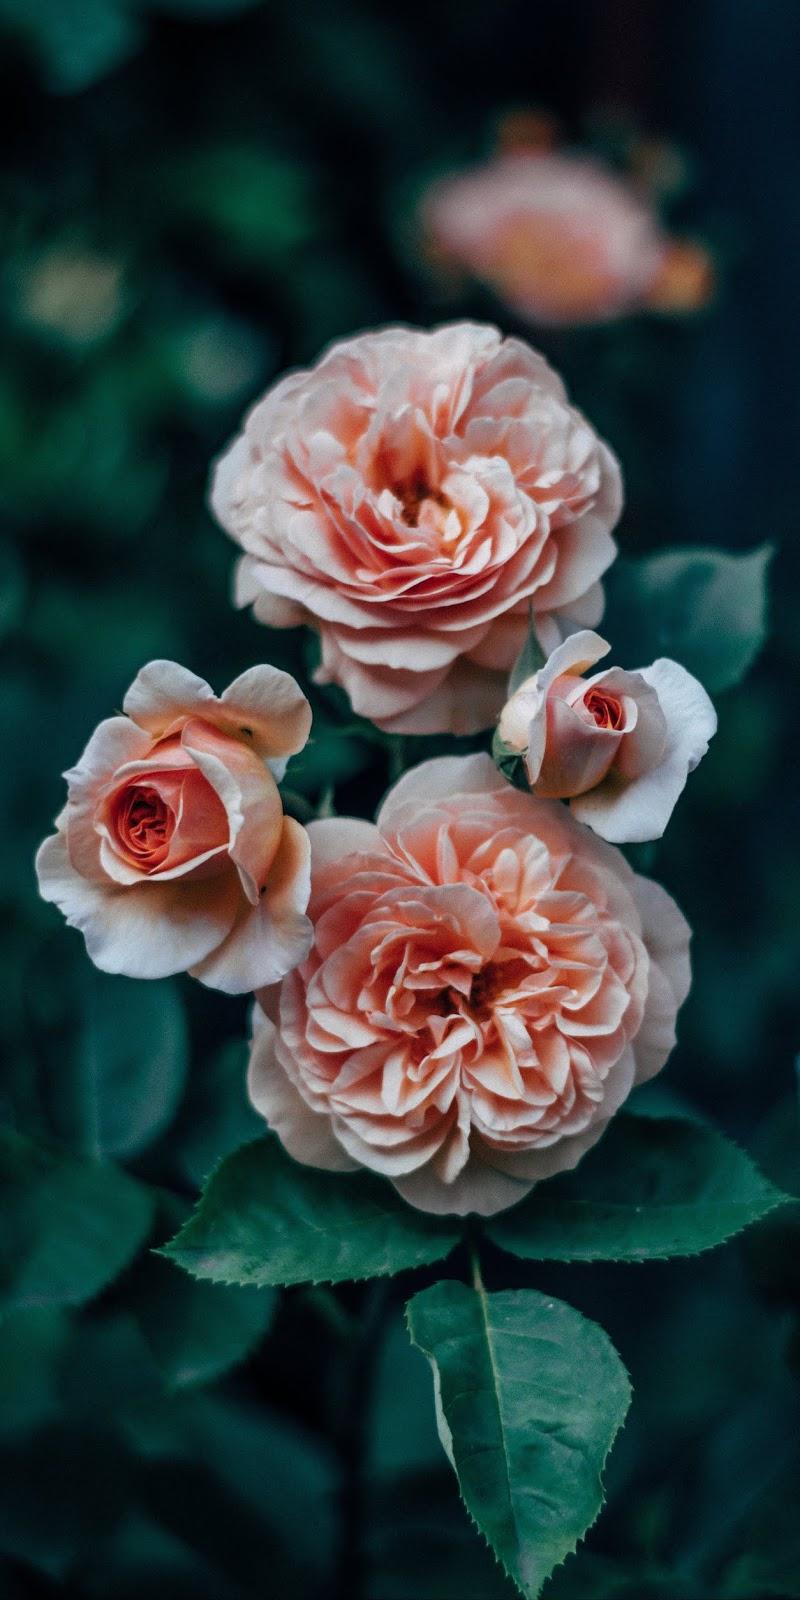 Hình nền hoa hồng siêu đẹp